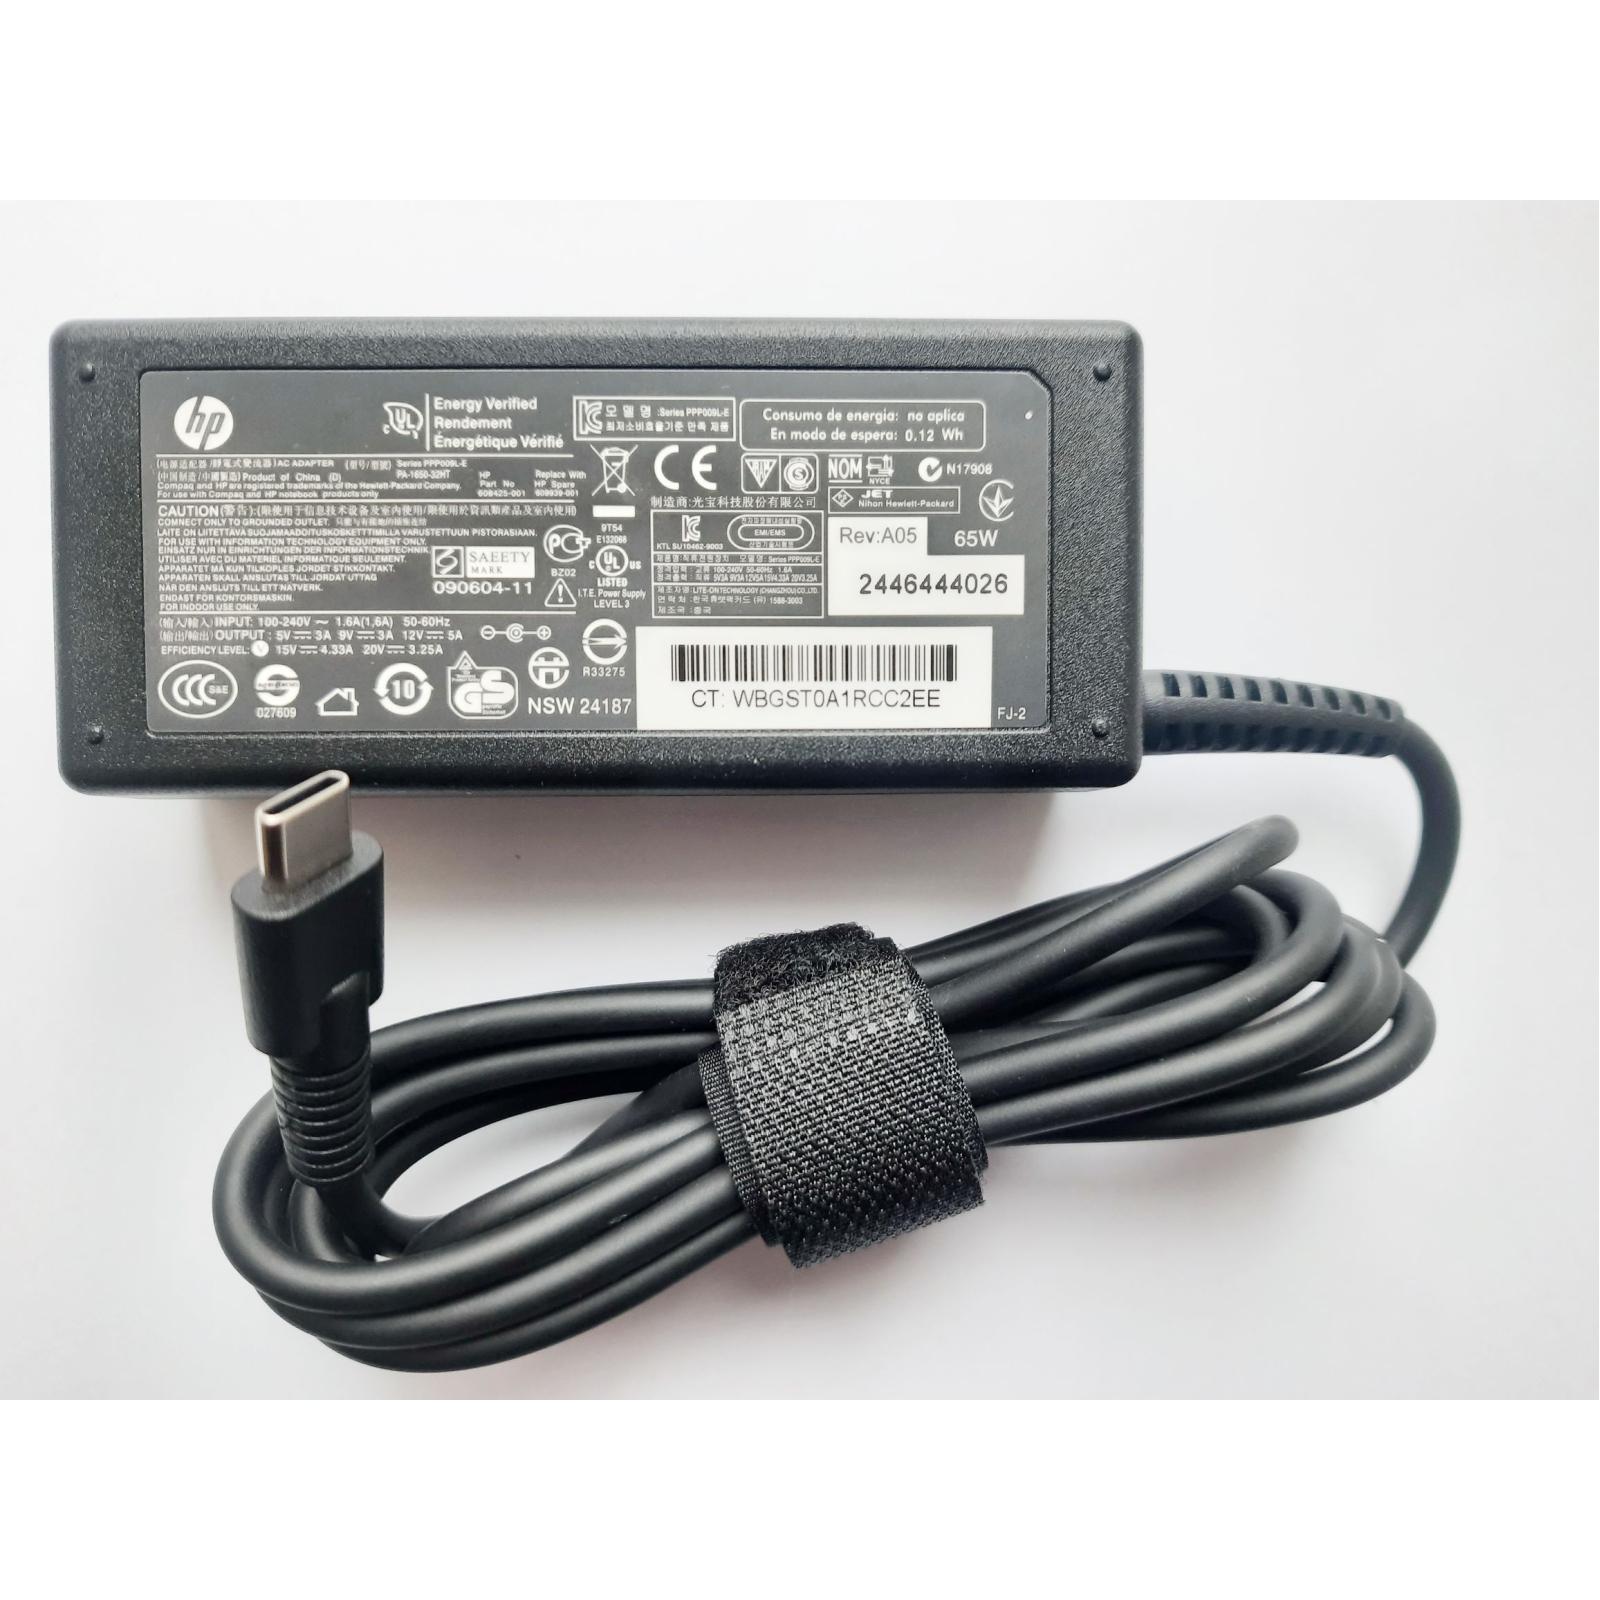 Блок питания к ноутбуку HP 65W 20V, 3.25A + 15V, 4.33A + 12V, 5A + 9V, 3A + 5V, 3A, раз (PPP009L-E / A40250) изображение 2